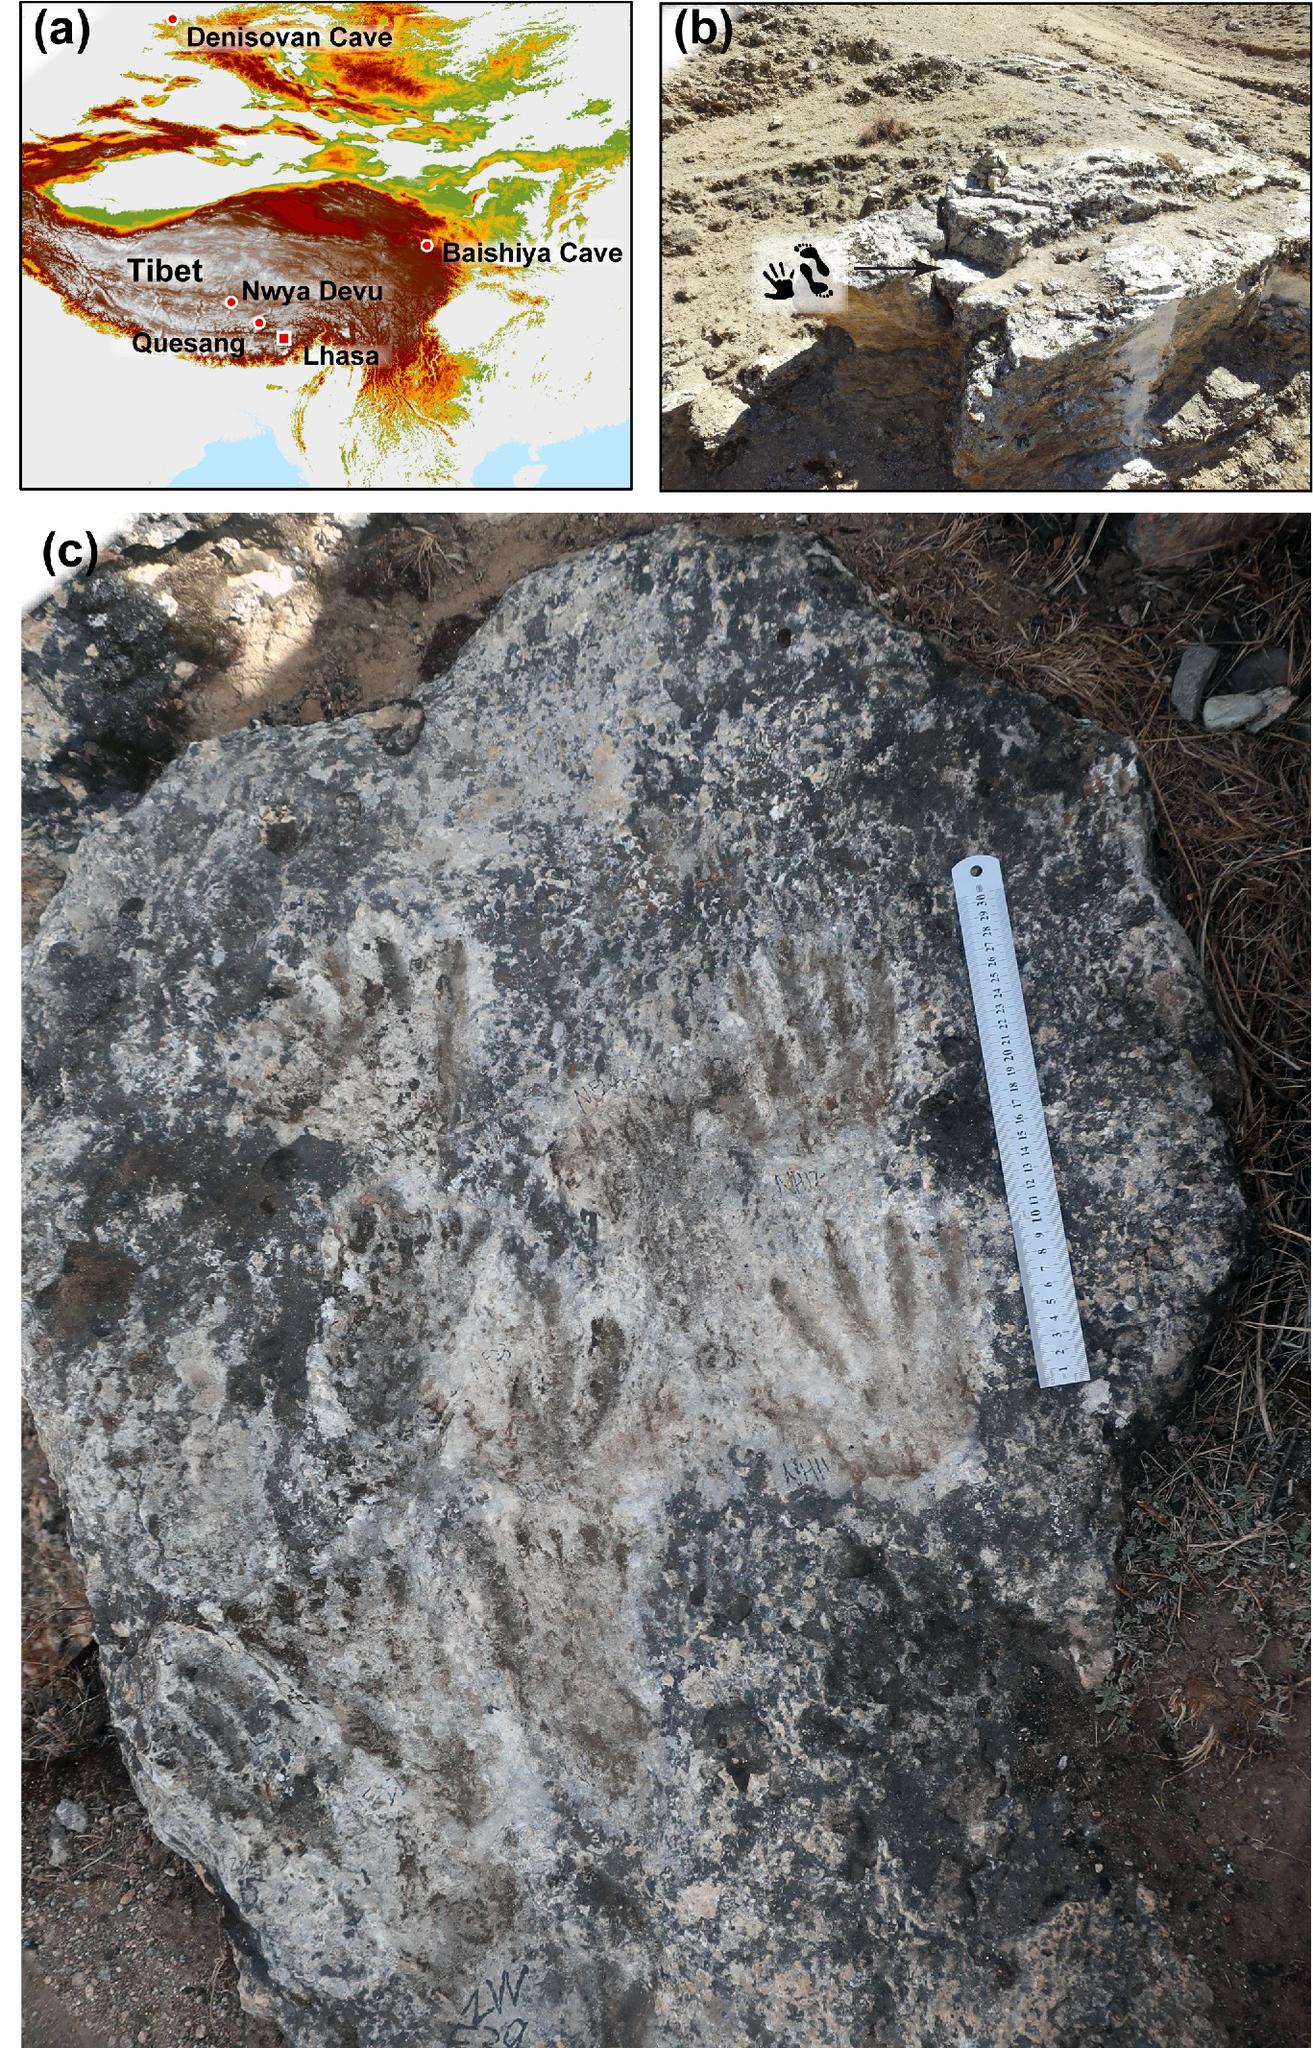 а) Карта Тибетского плато сотмеченными известными памятниками, b) место расположения «арт-панно» вКесанге, c) Древние отпечатки вКесанге.